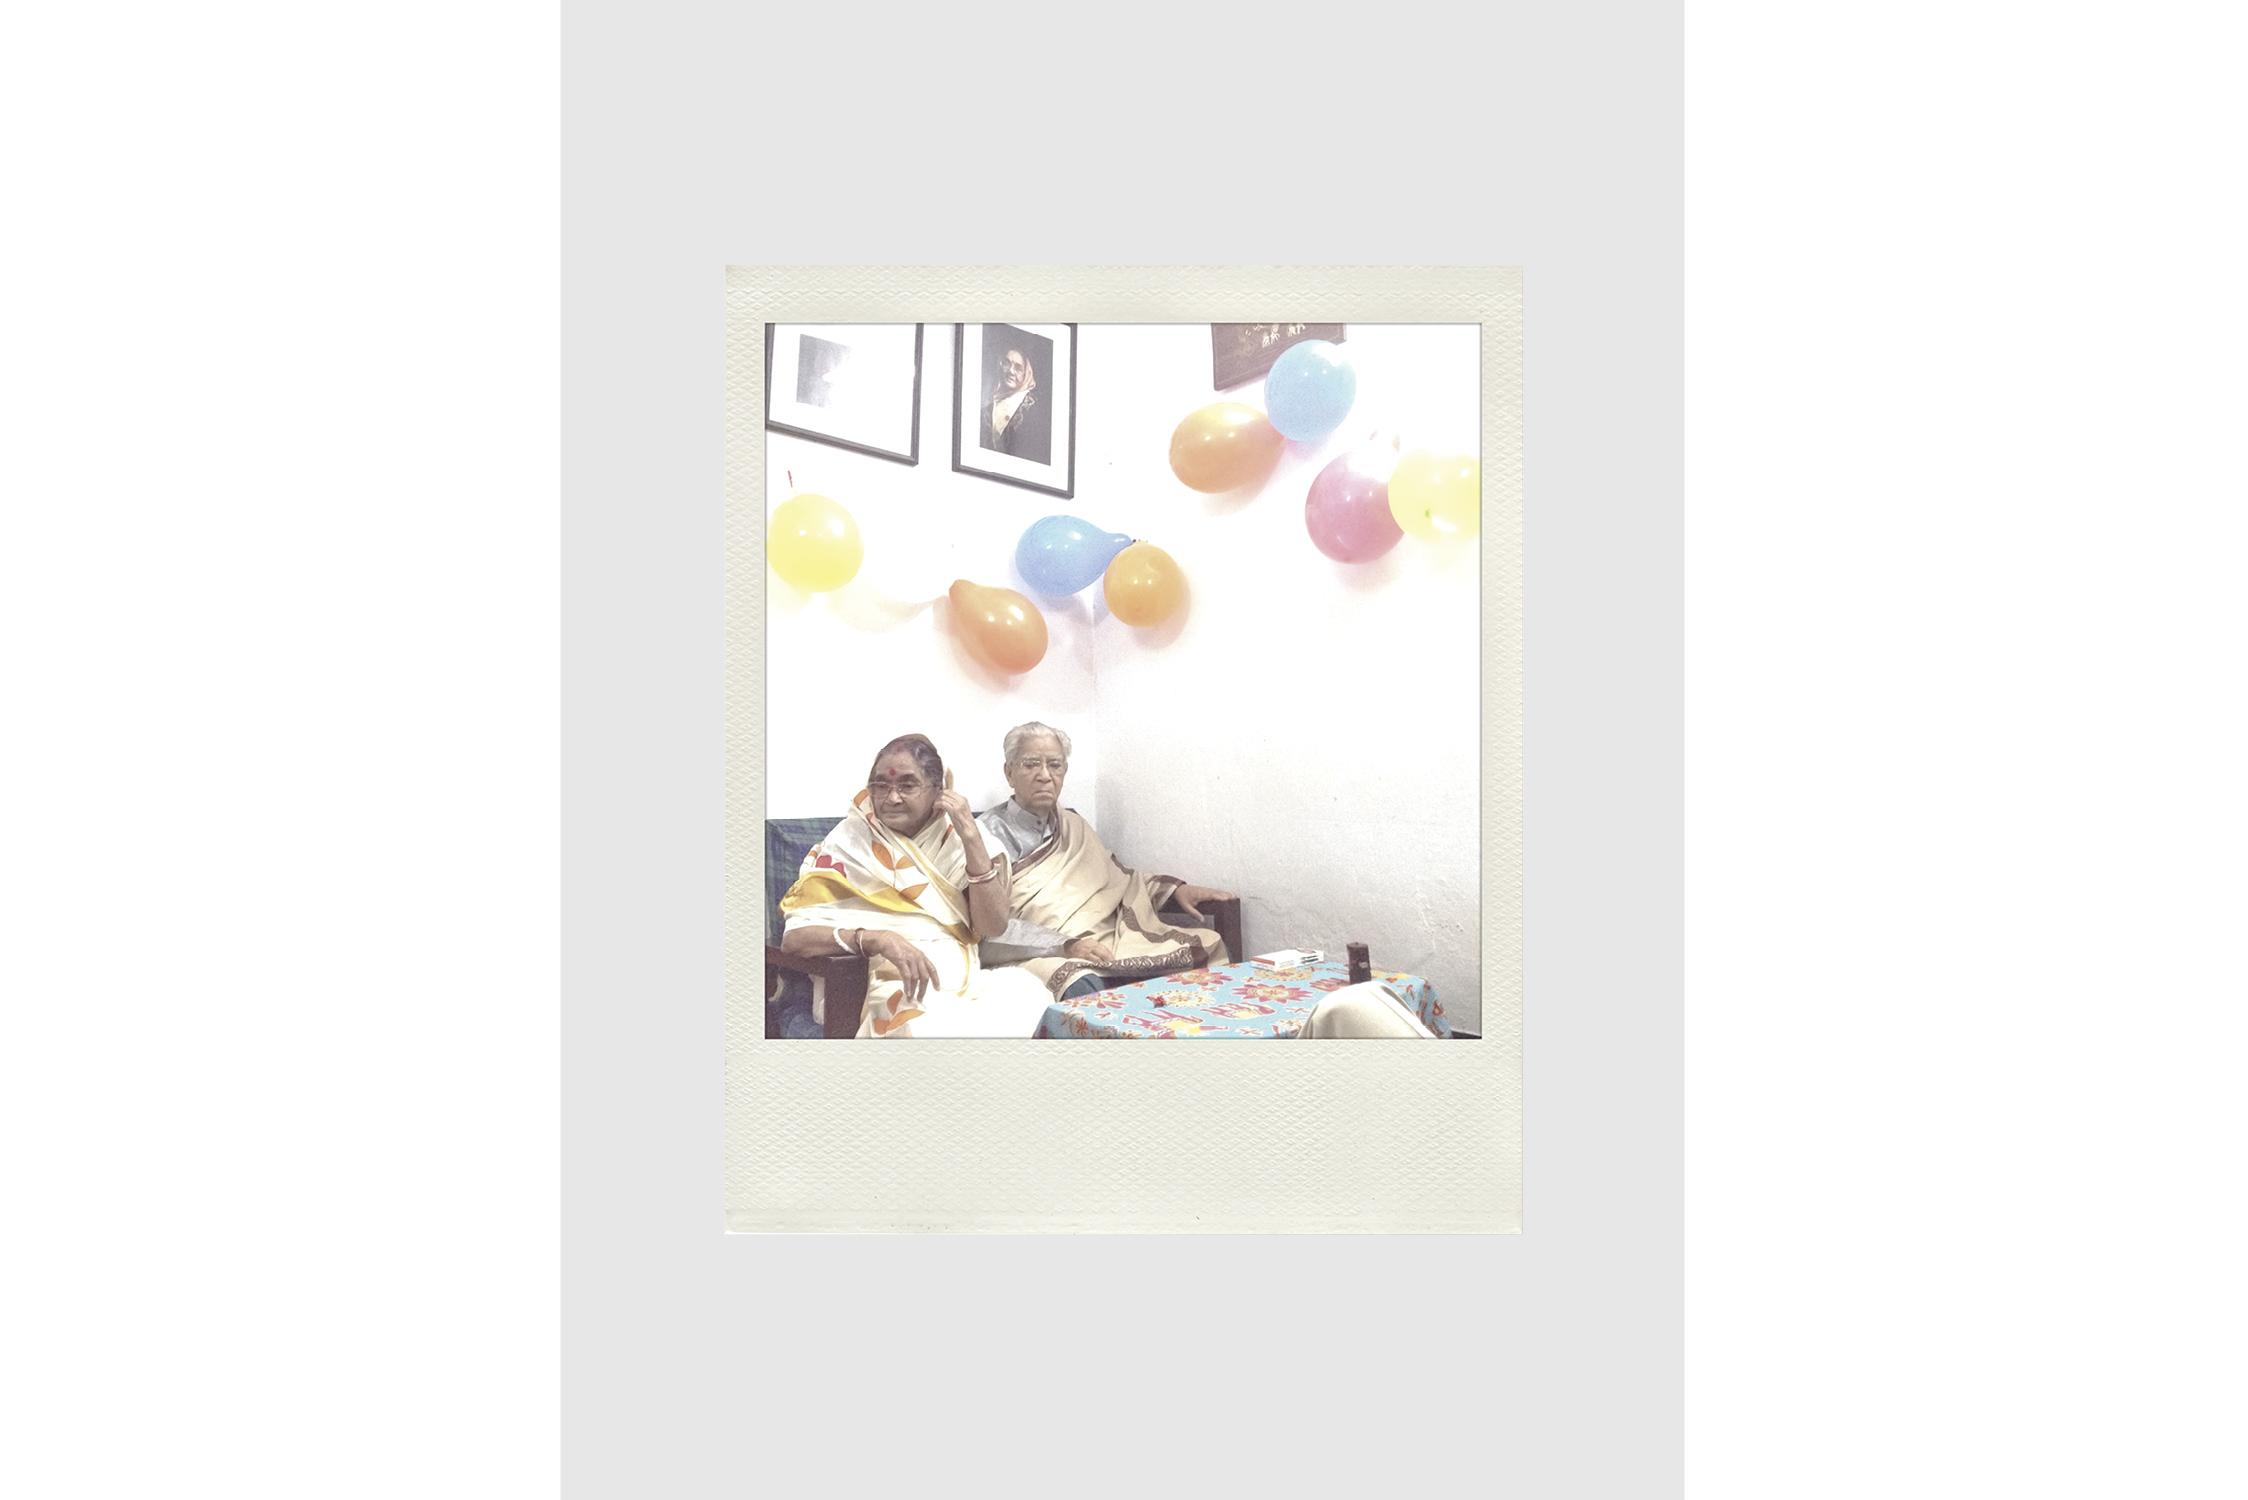 Chhandak Pradhan_living in memory_journal_personal_old_dementia_grandparents2.jpg